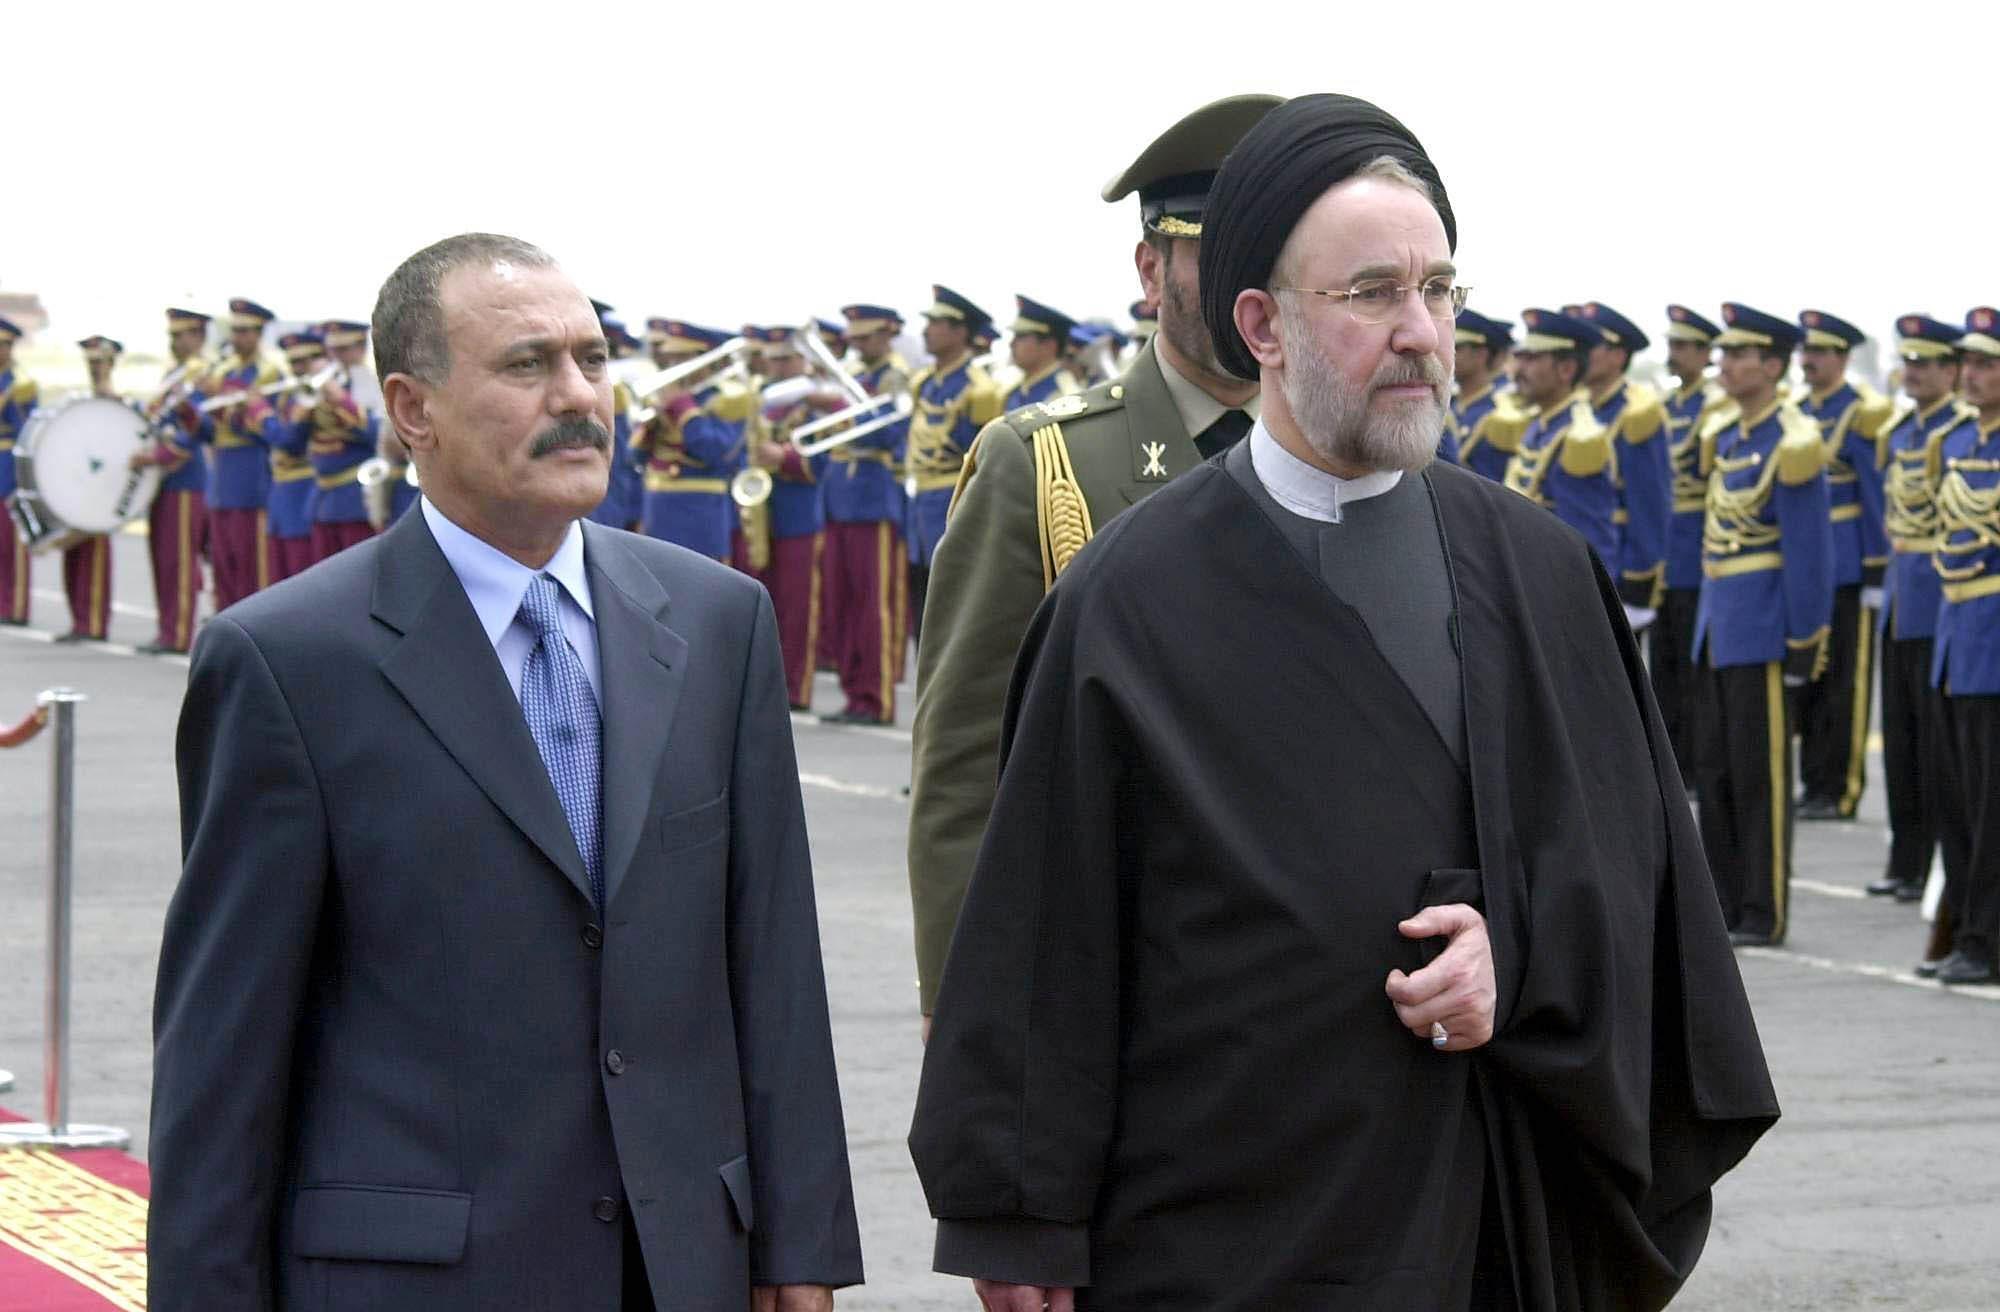 علی عبدالله صالح به همراه محمد خاتمی رئیس جمهوری اسبق ایران